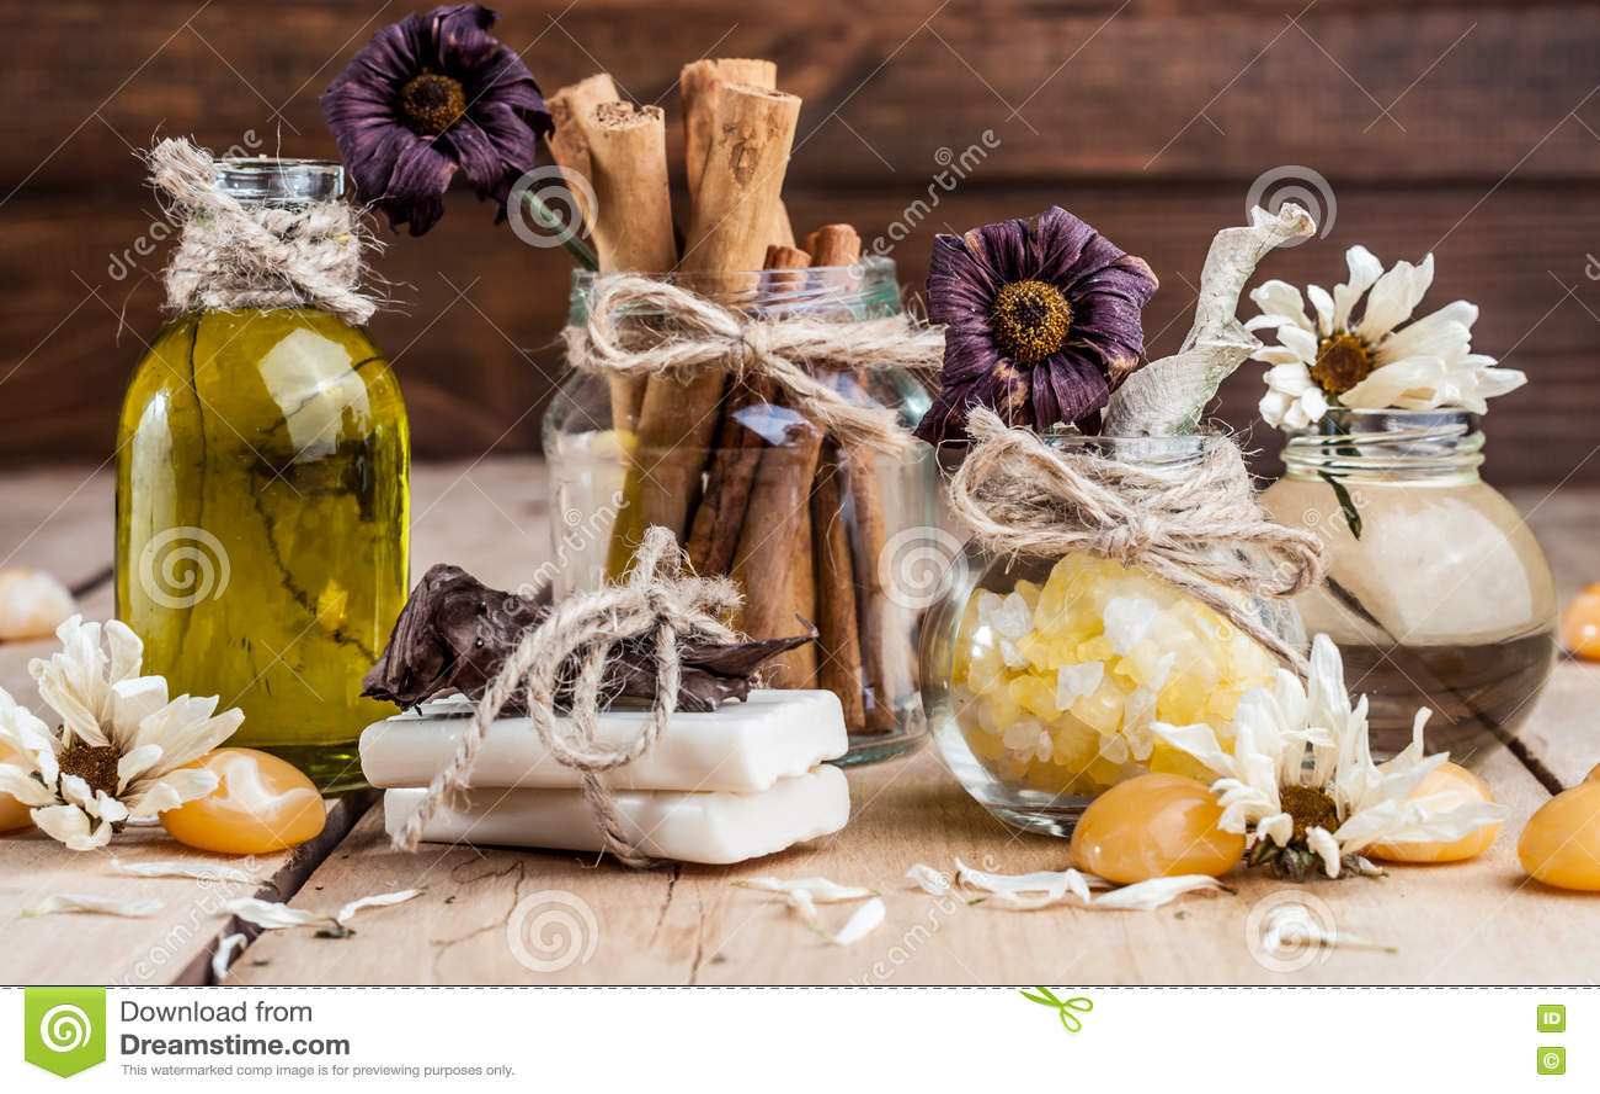 Spa, Oil, Bath Salt, Spices, Herbs, Handmade Soaps Stock